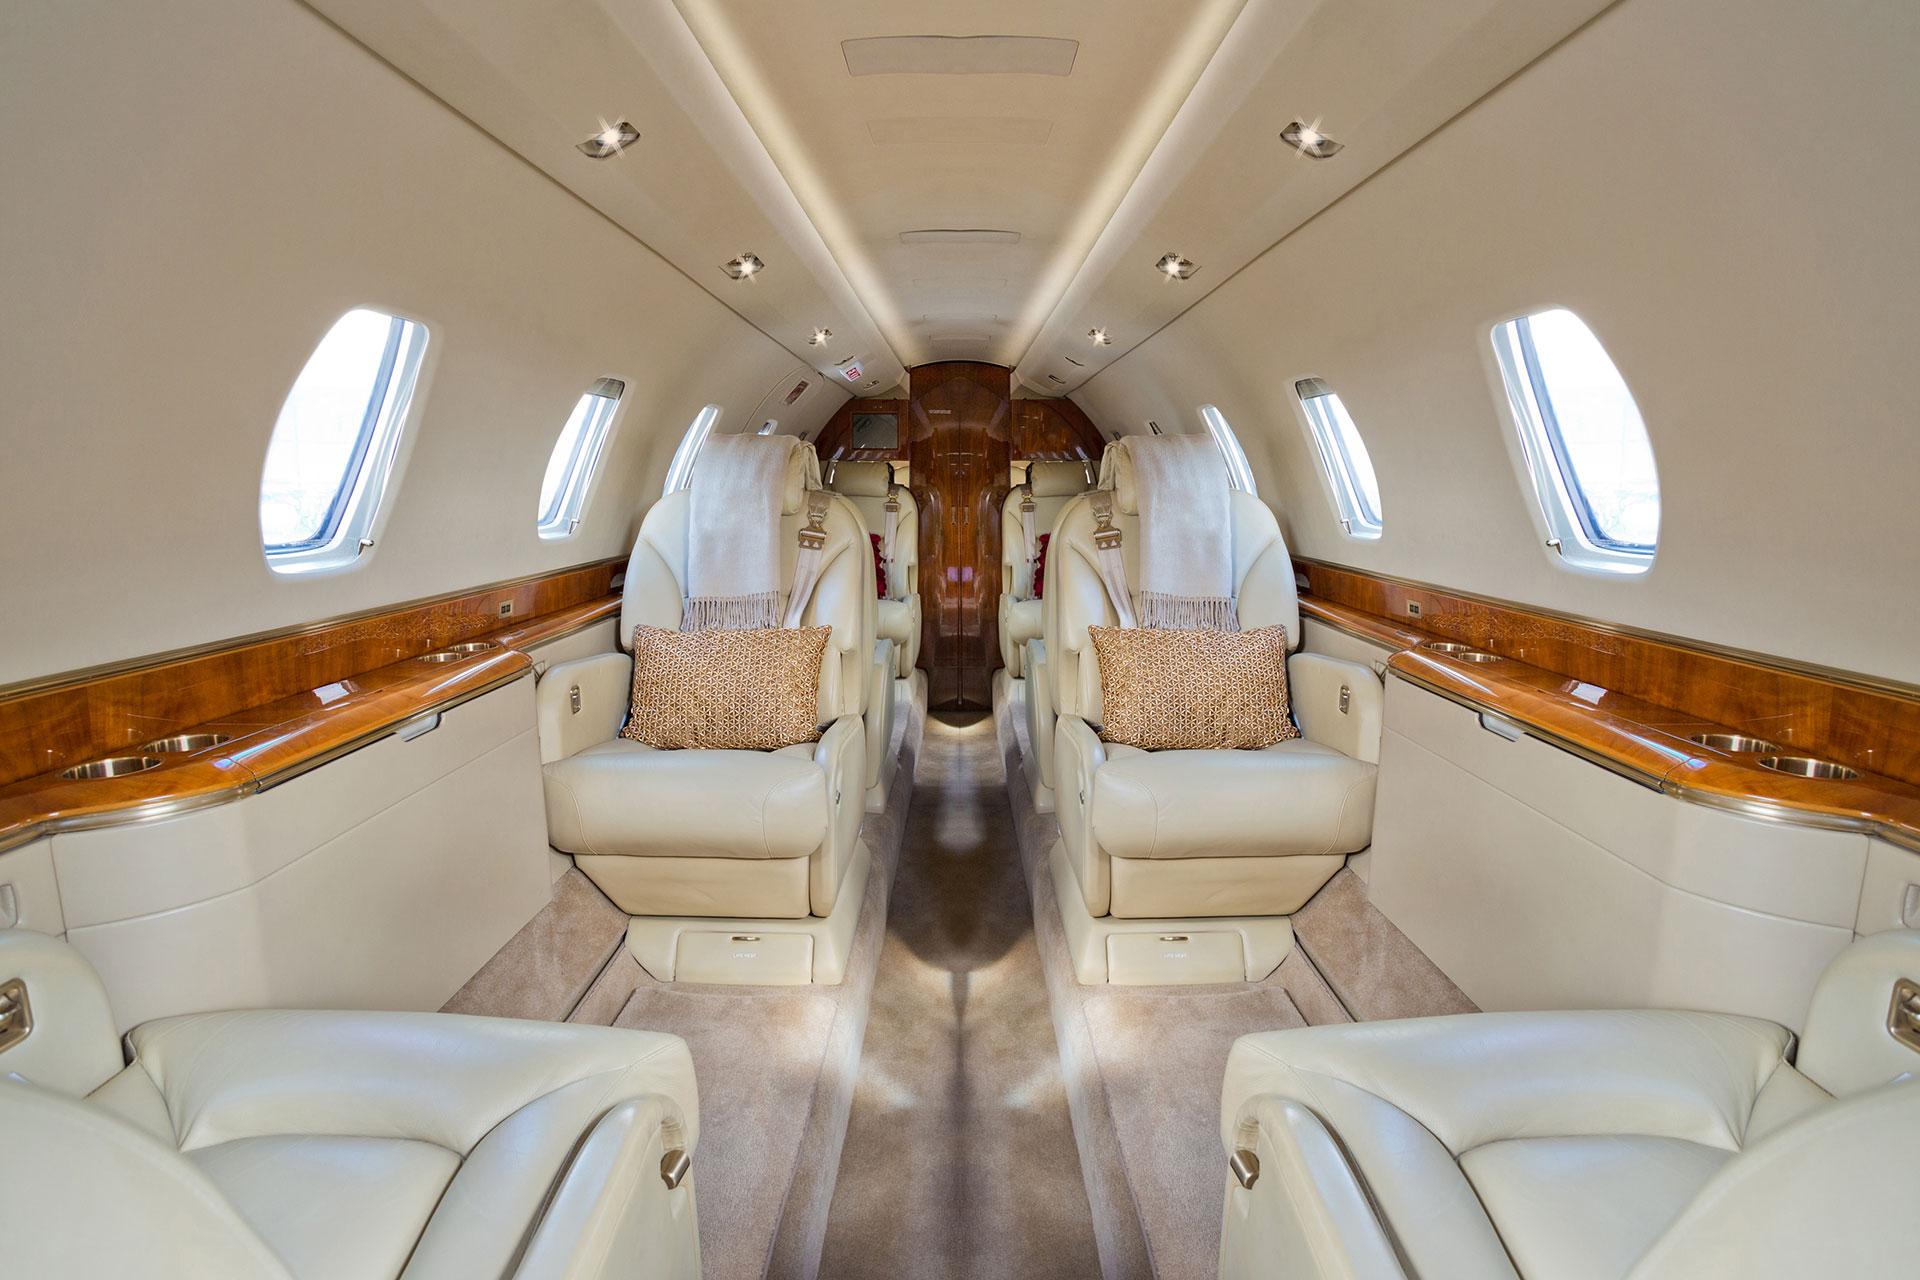 Private Plane; Courtesy of Carlos Yudica/Shutterstock.com